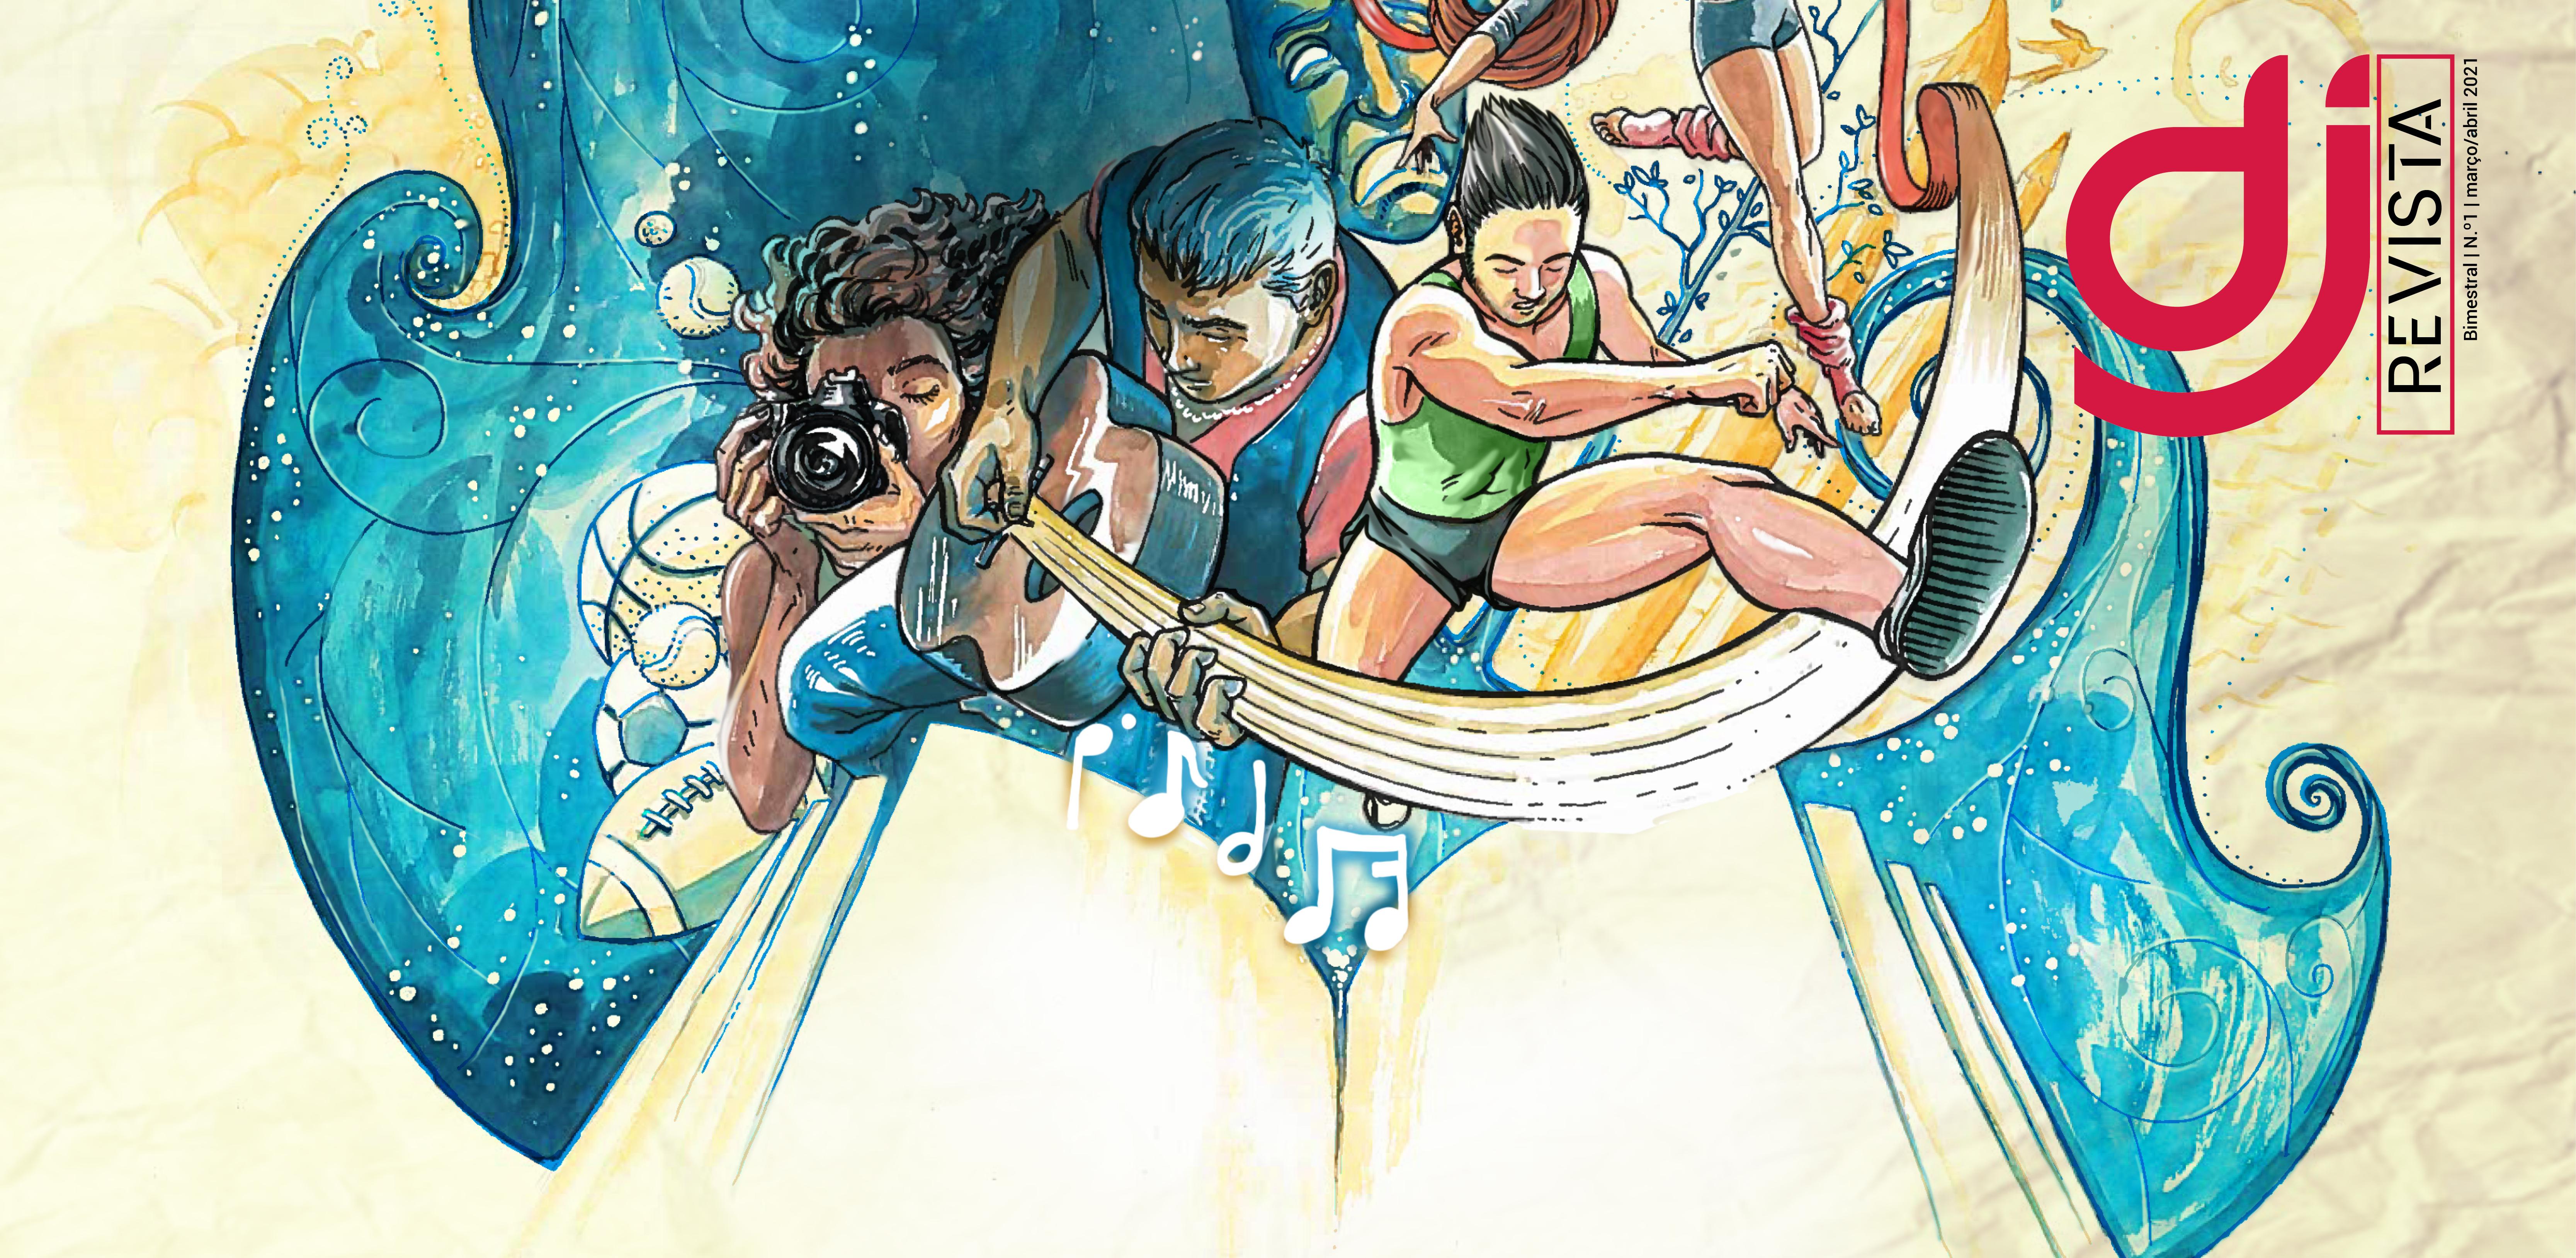 capa da revista DJ número um (abril/maio) com imagem gráfica simbólica de desportos e juventudes.